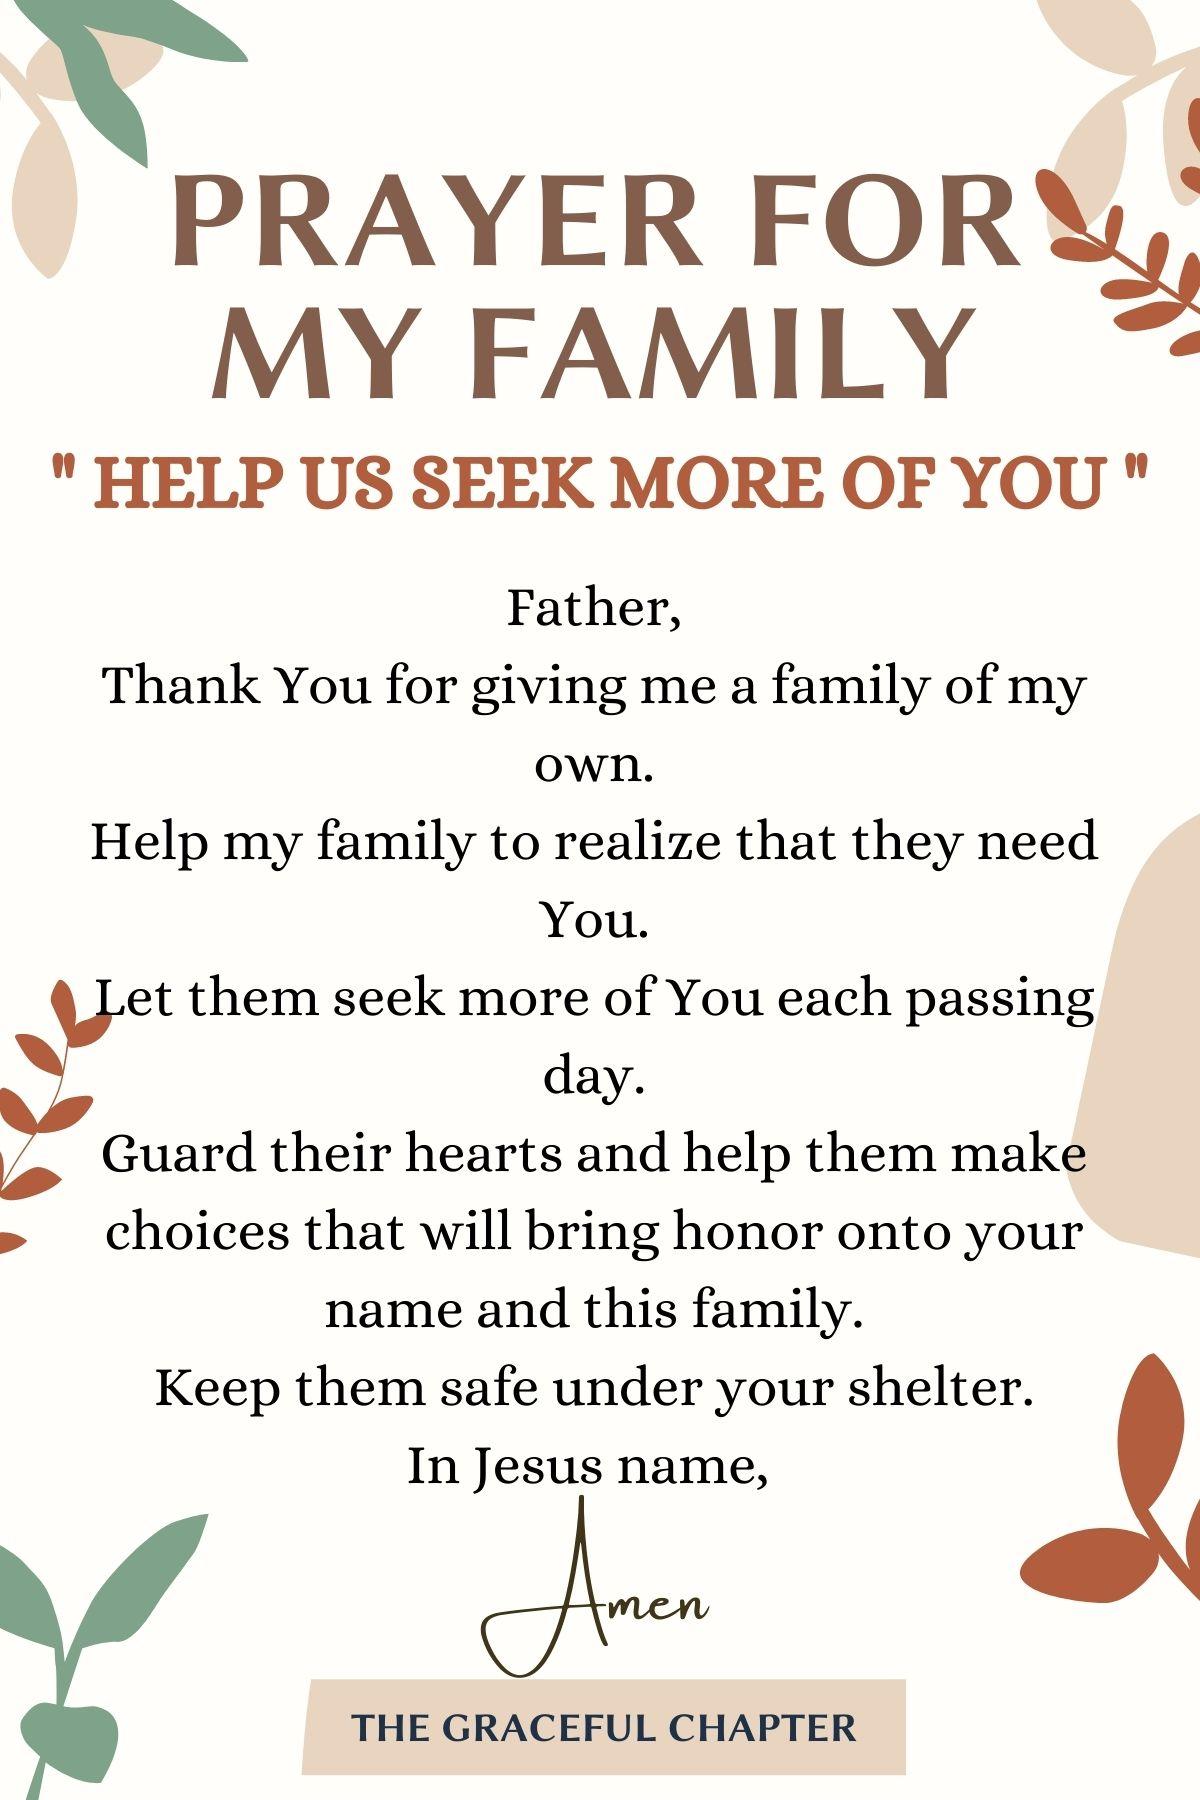 Help Us Seek More Of You